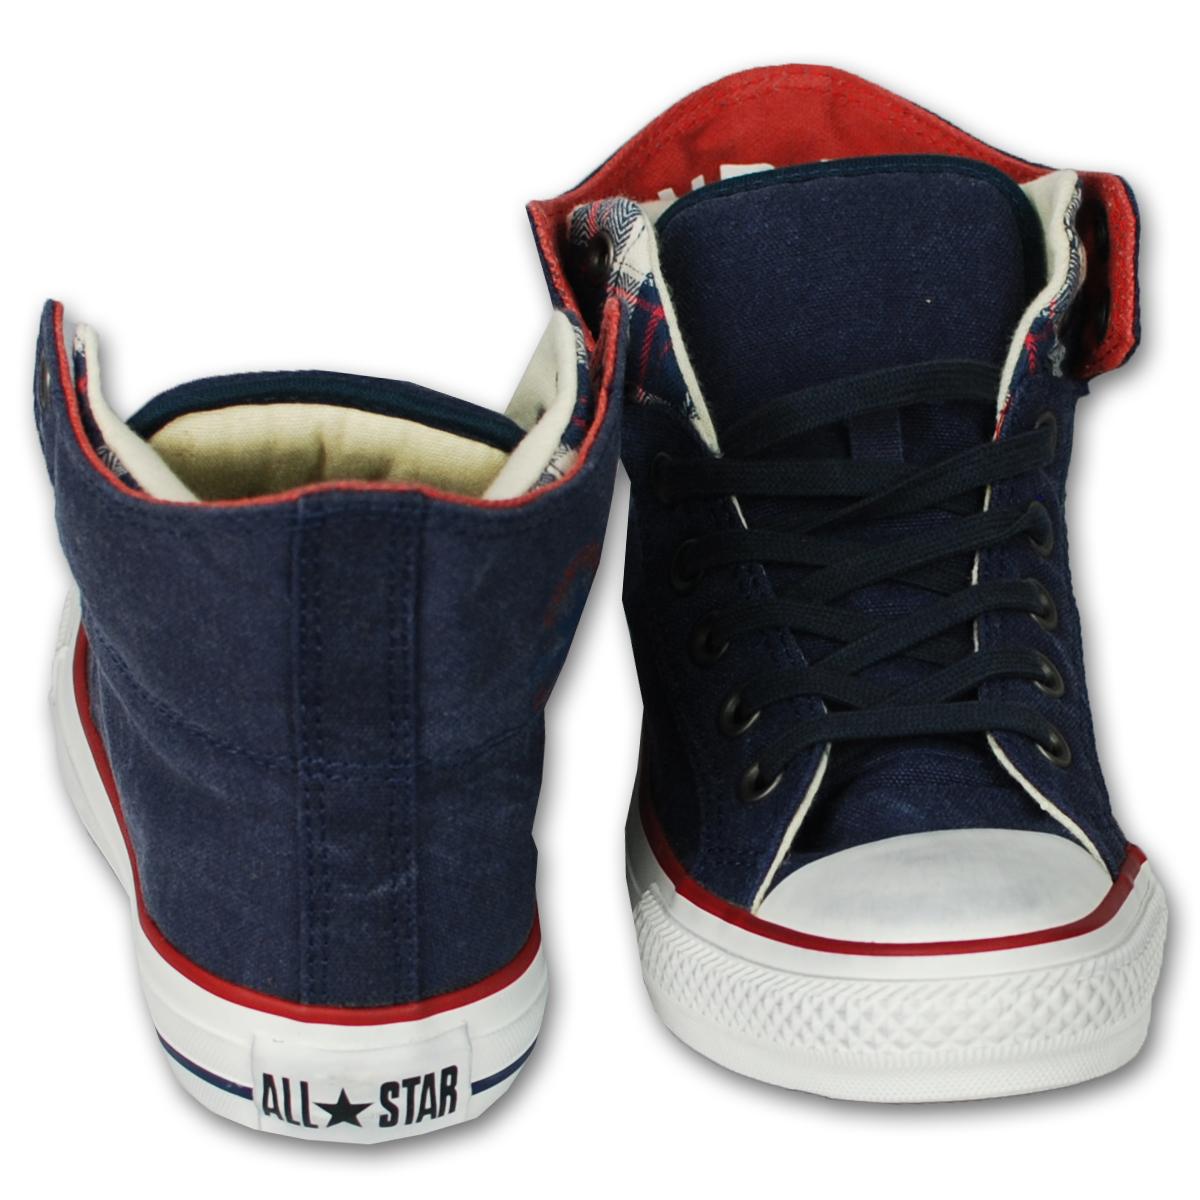 Lace Up de Star All Hi marino lona Casual Converse para Azul deporte Zapatillas de hombre Zapatillas Top Zapatillas 4qBpgw6q